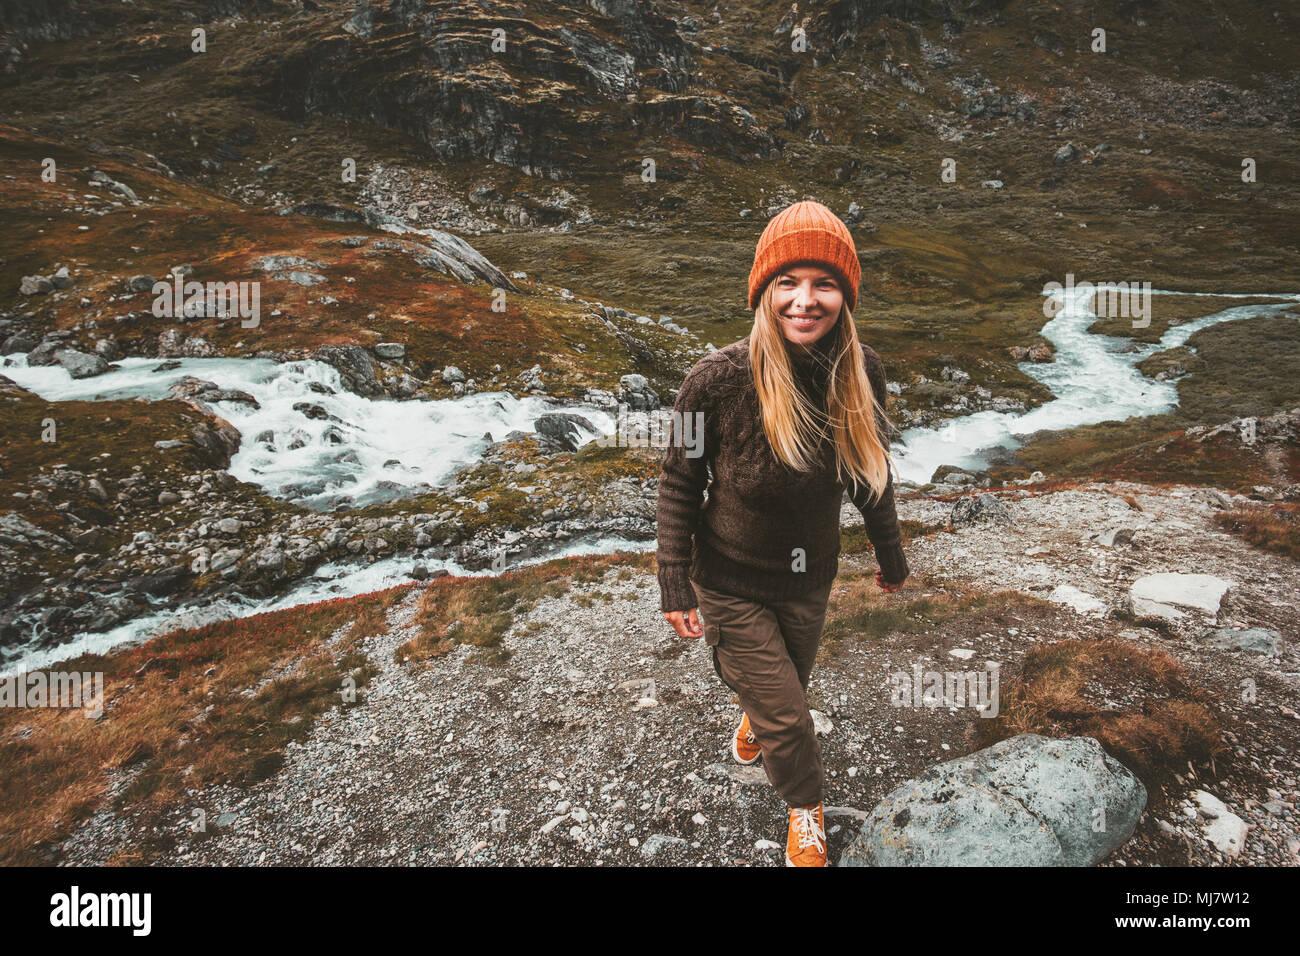 Felice giovane donna camminare da solo scandinavi in montagne avventura di viaggio il concetto di stile di vita attivo vacanze in Norvegia Foto Stock